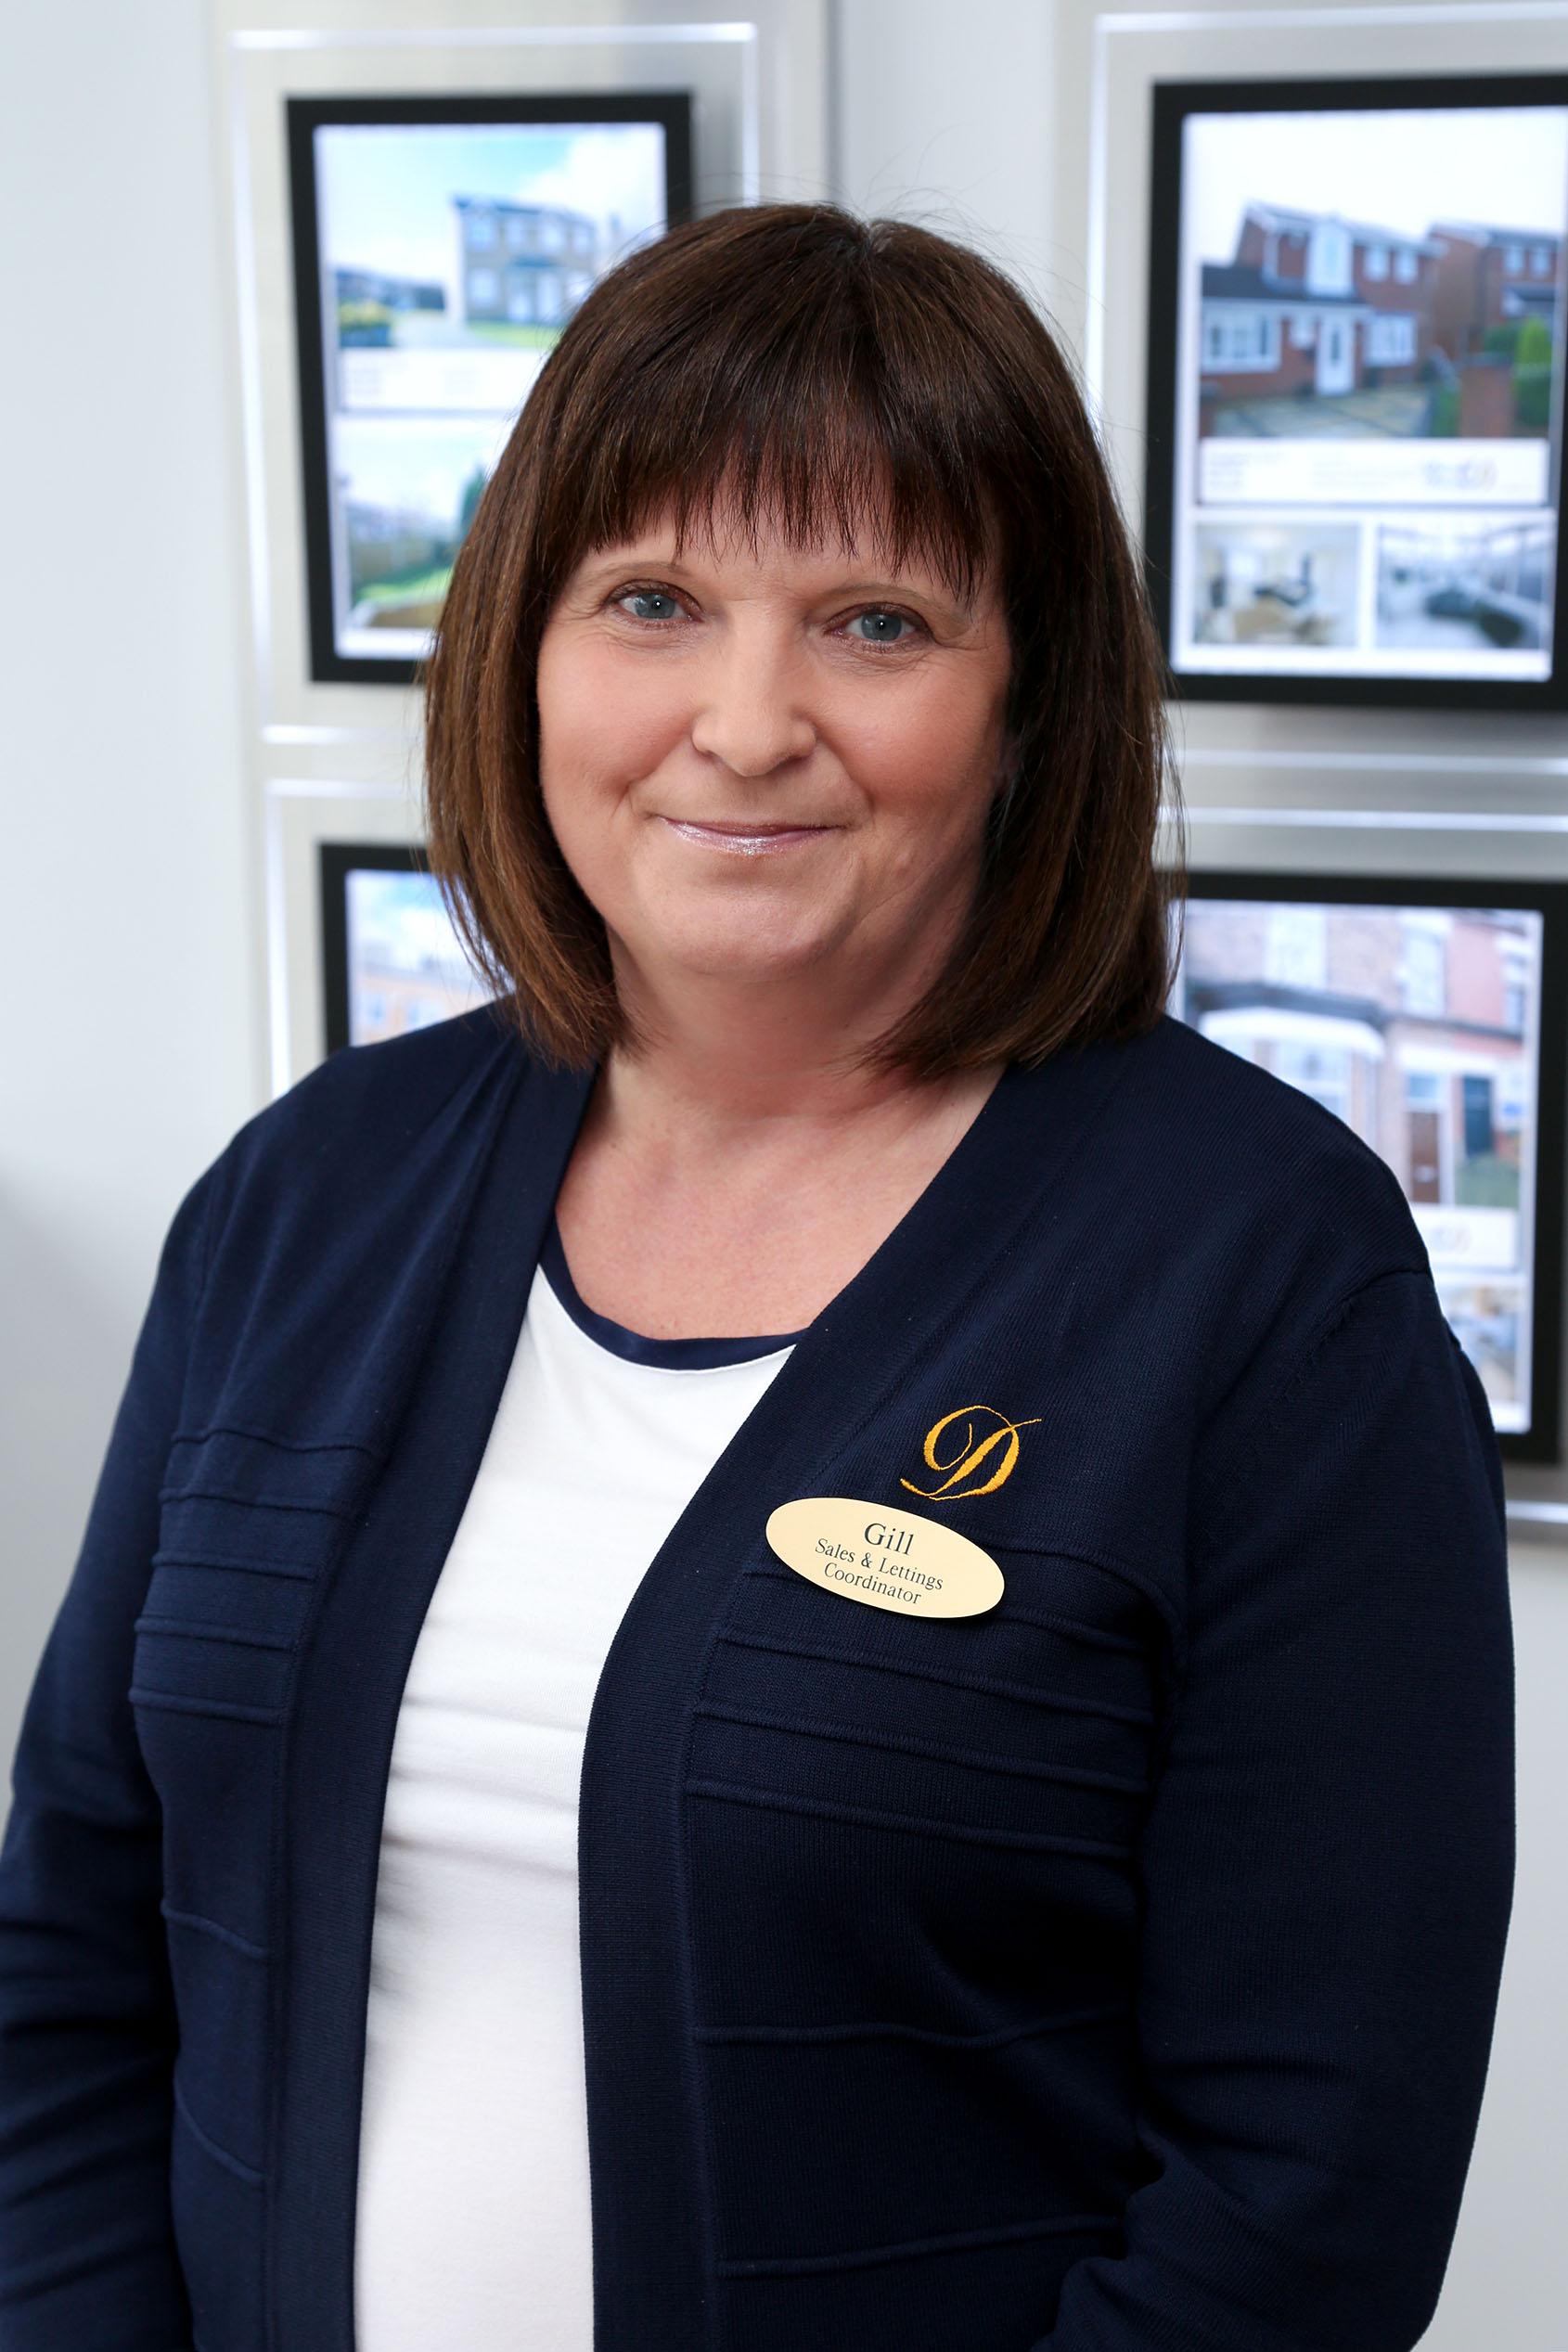 Gill Edgerton<br>AGPP